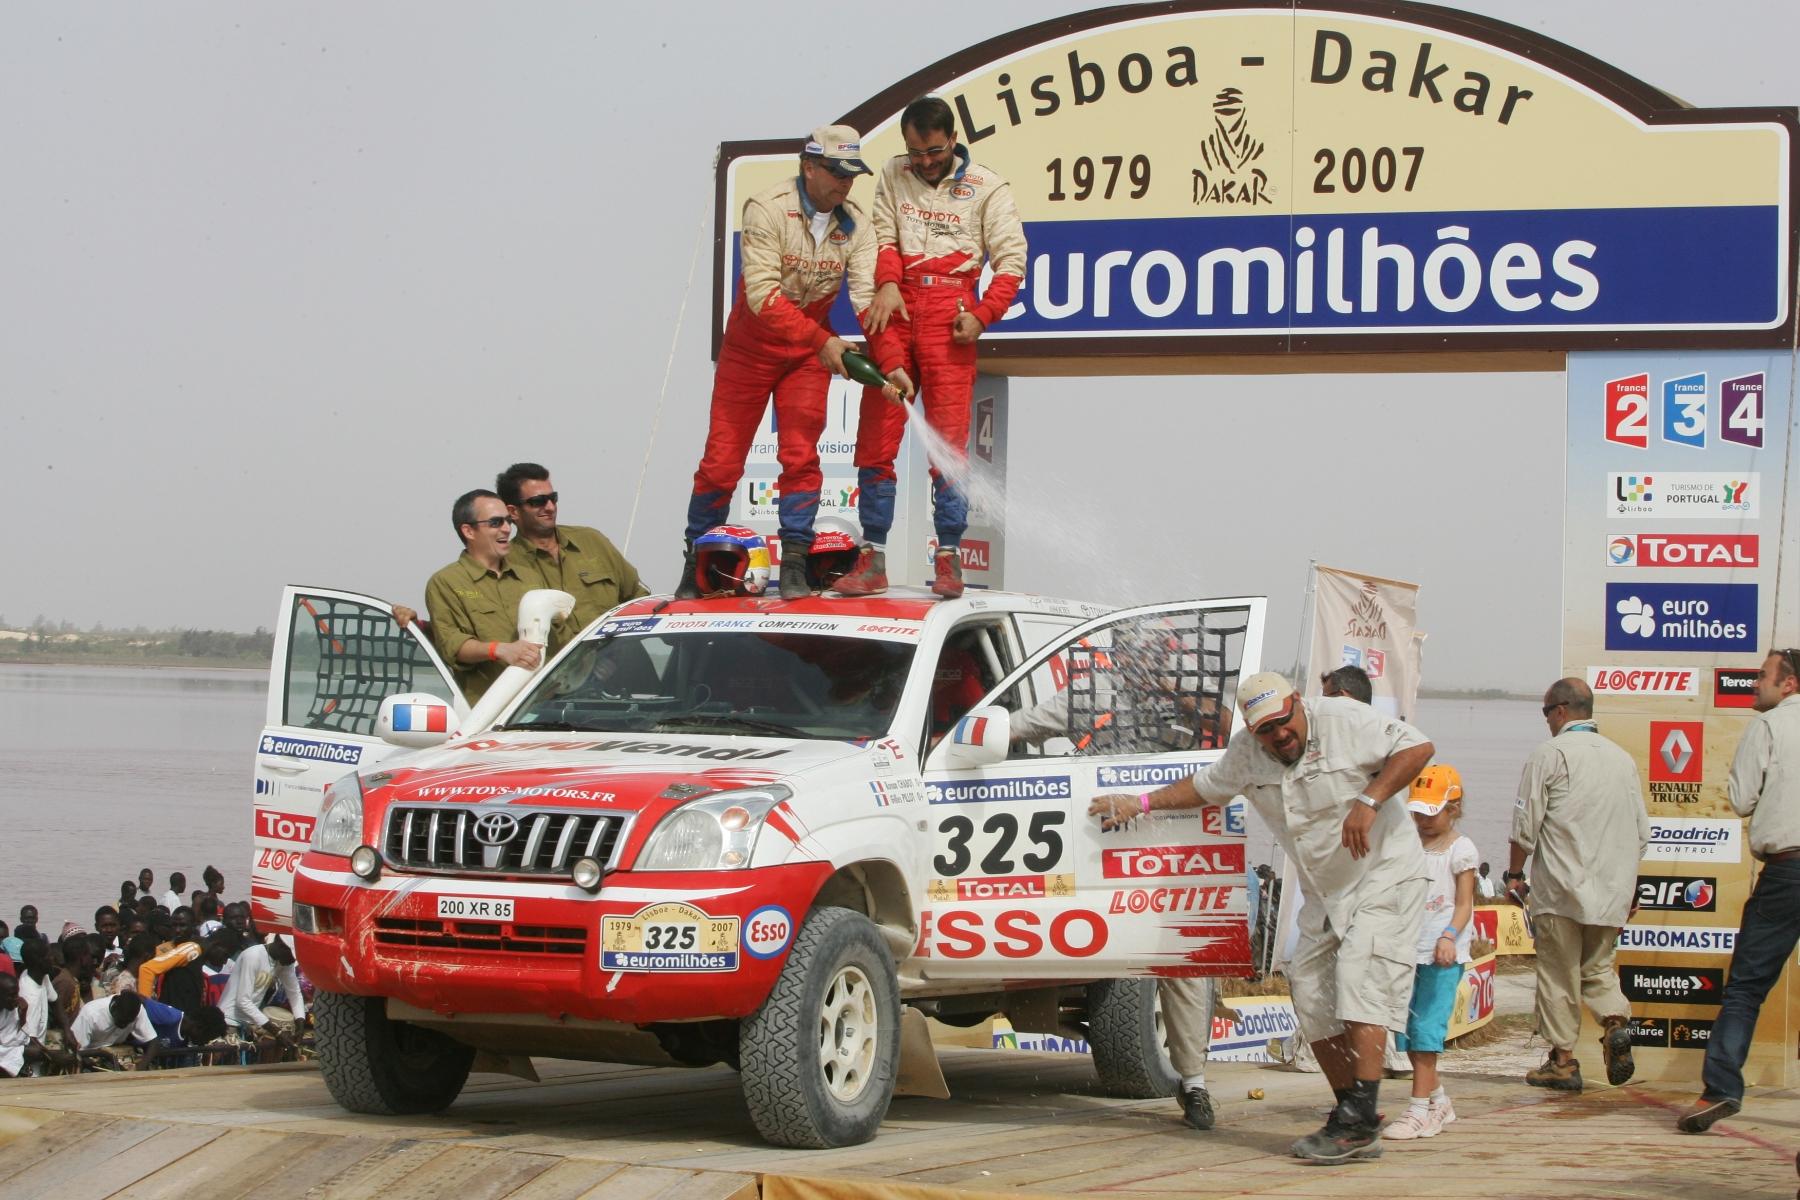 34-2007-dakar_